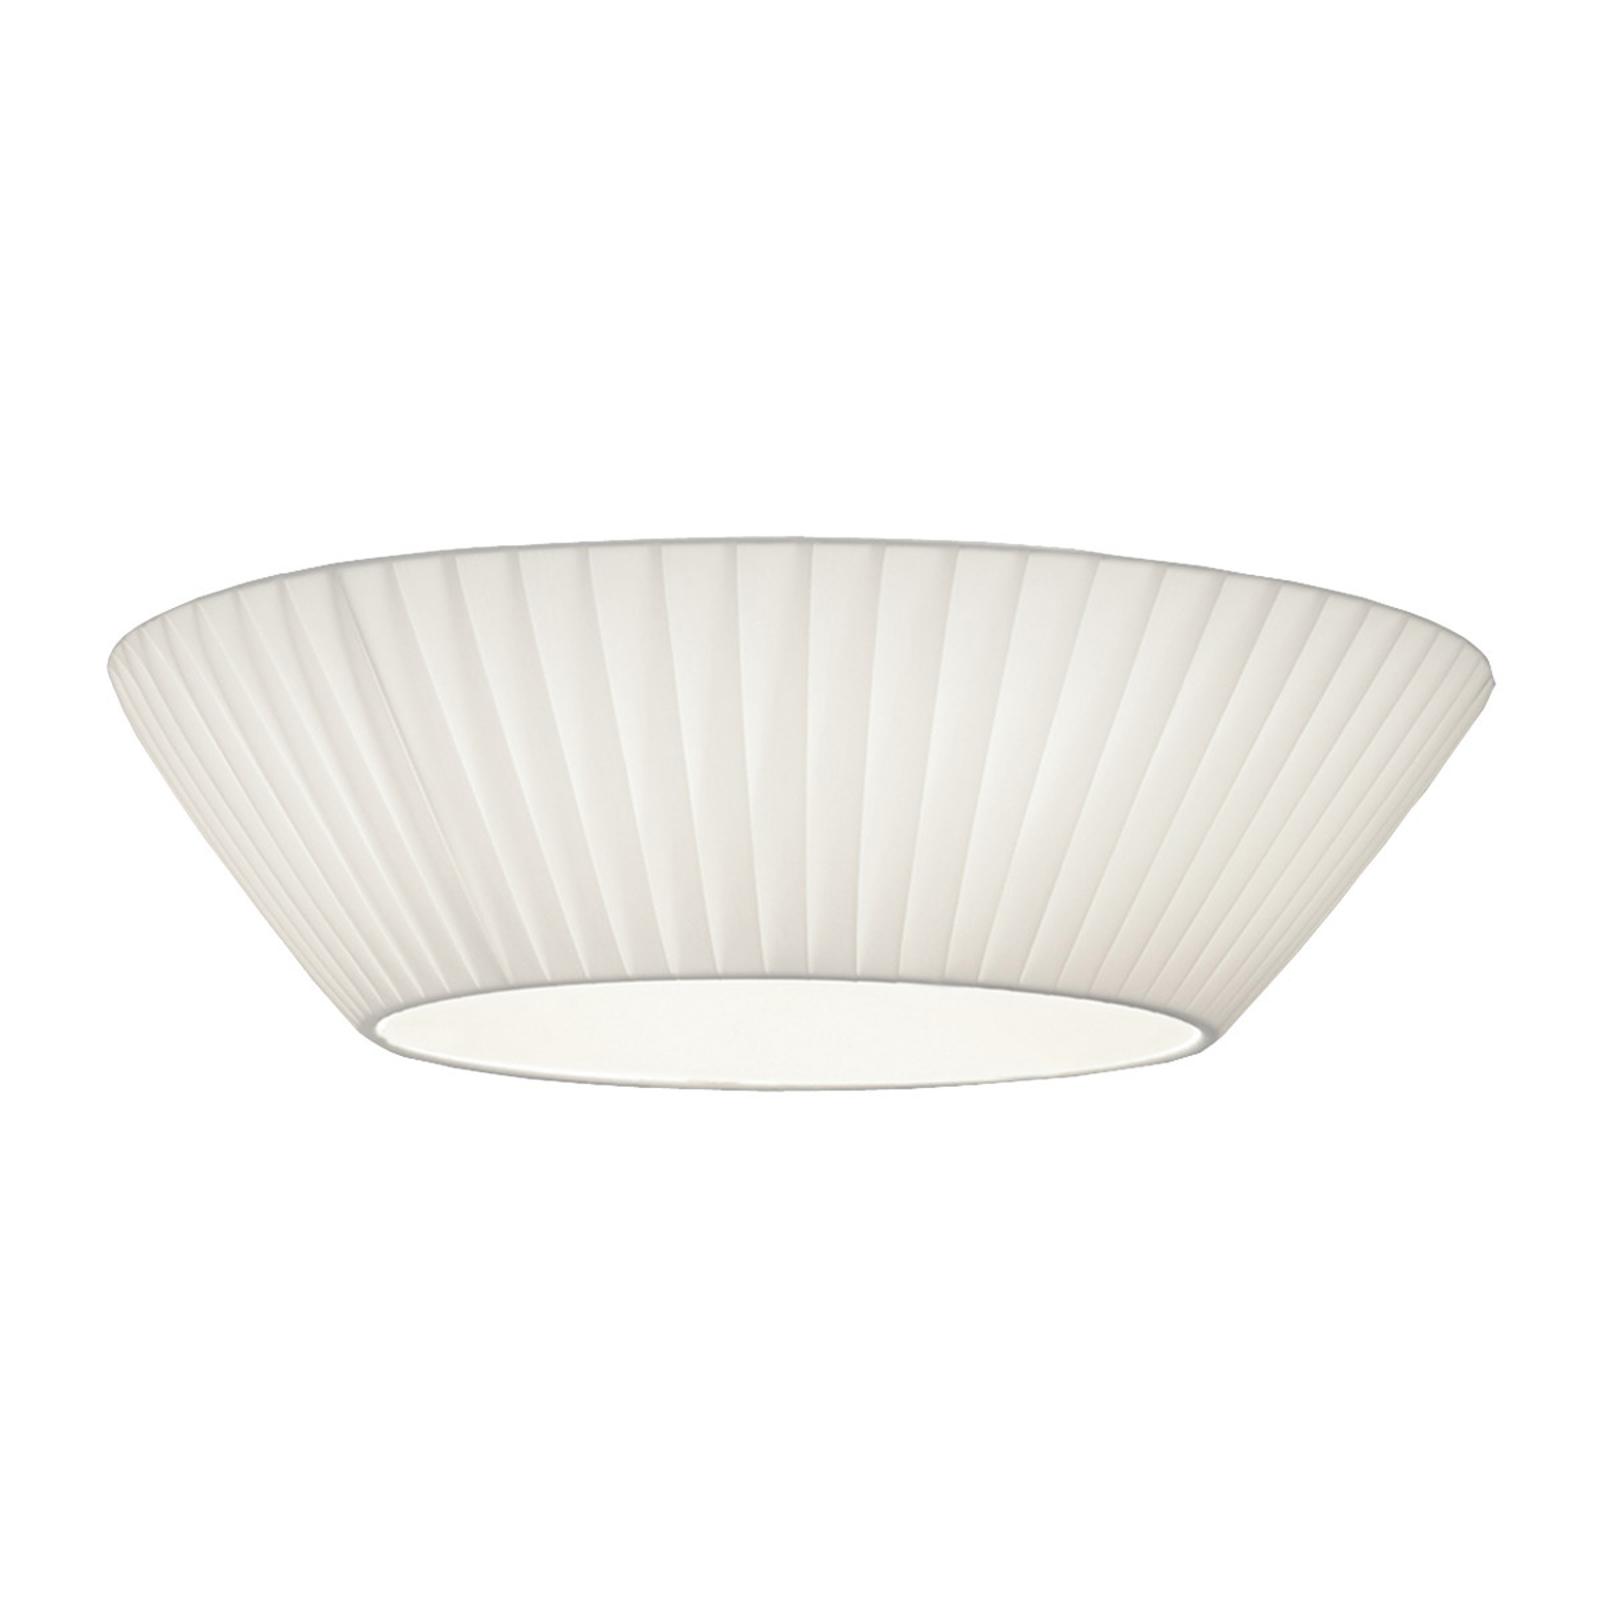 Prosta lampa sufitowa Emma, śr. 50 cm biała